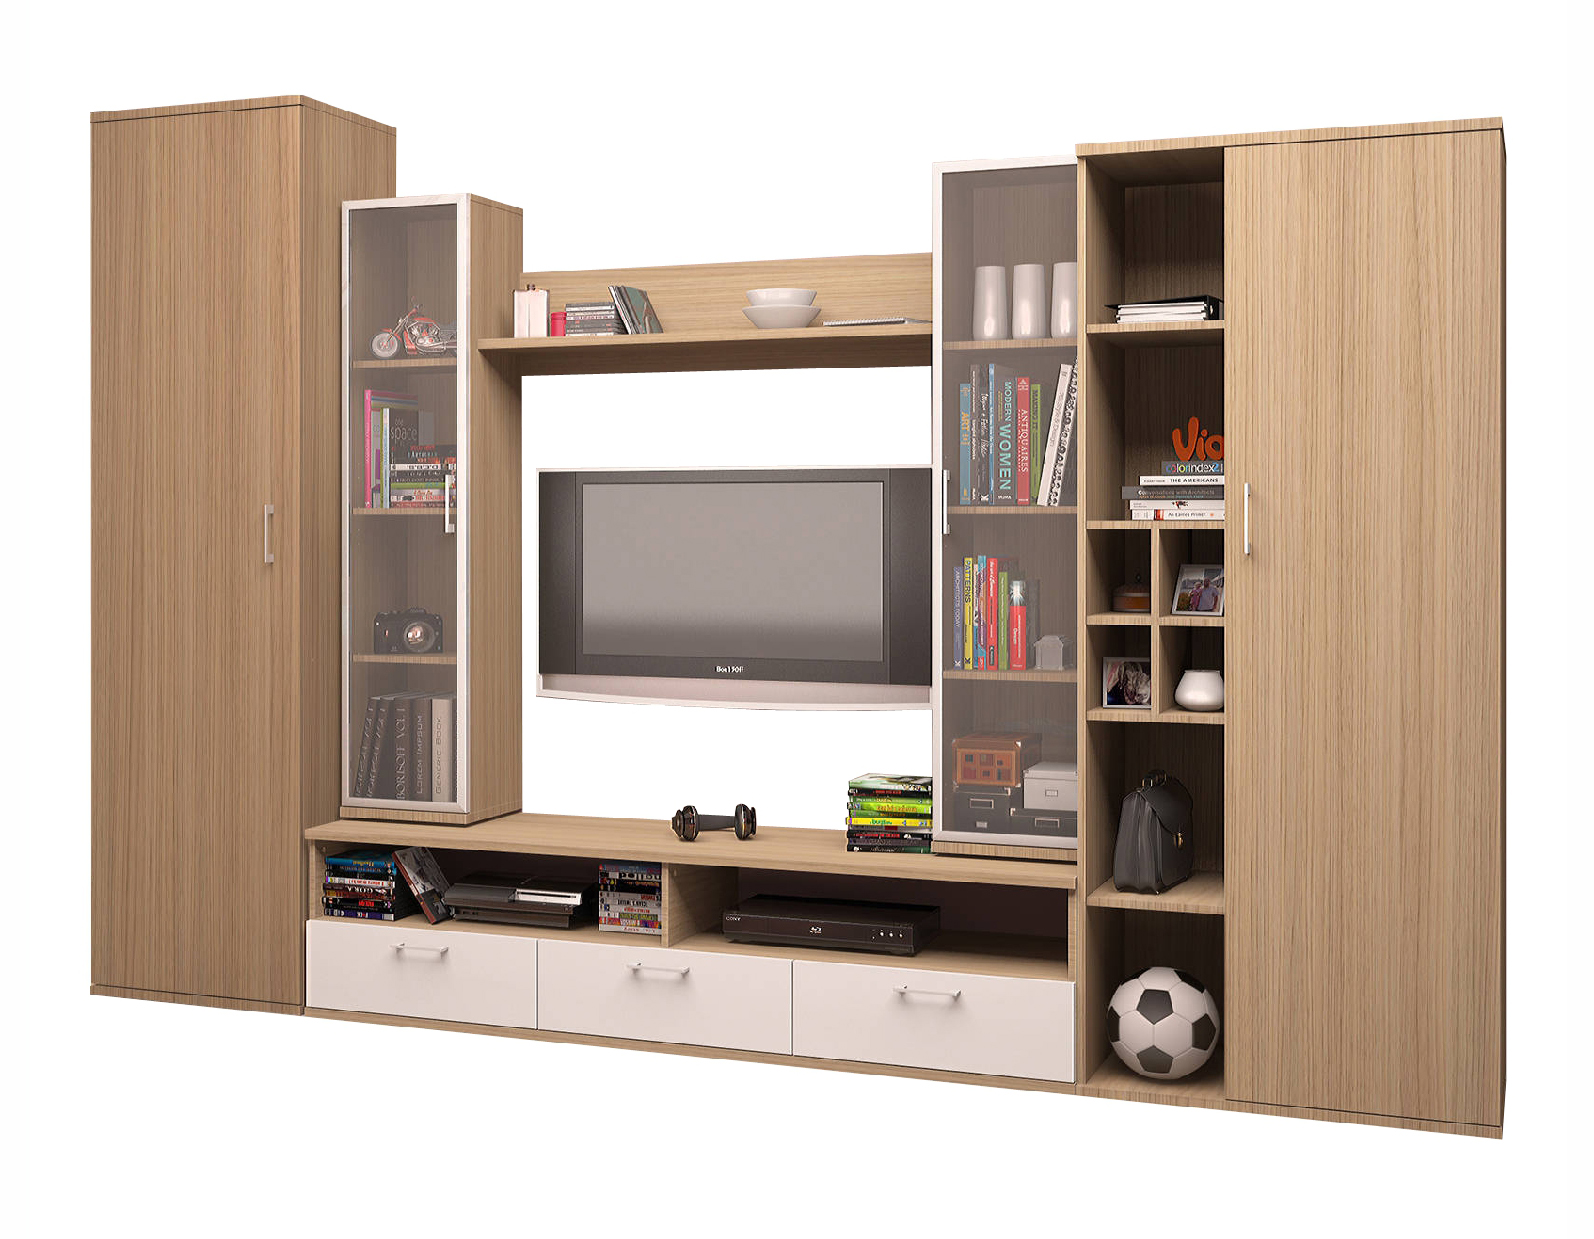 Стенка МозерСтенки<br>Размер: 3200х2150х470<br><br>Материалы: ЛДСП Kronospan - 16 мм., кромка ПВХ - 0,4 мм., стекло<br>Полный размер (ДхВхГ): 3200х2150х470<br>Ниша под ТВ: 1078х1077<br>Наполнение шкафа: Высокий шкаф платяной, низкий шкаф бельевой<br>Примечание: Доставляется в разобранном виде<br>Важно: Цвет рамки темно-серый, крайне редко можно изменить<br>Изготовление и доставка: 10-14 дней<br>Условия доставки: Бесплатная по Москве до подъезда<br>Условие оплаты: Оплата наличными при получении товара<br>Доставка по МО (за пределами МКАД): 30 руб./км<br>Доставка в пределах ТТК: Доставка в центр Москвы осуществляется ночью, с 22.00 до 6.00 утра<br>Подъем на грузовом лифте: 800 руб.<br>Подъем без лифта: 400 руб<br>Сборка: 10% от стоимости изделия<br>Гарантия: 12 месяцев<br>Производство: Россия<br>Производитель: Grey